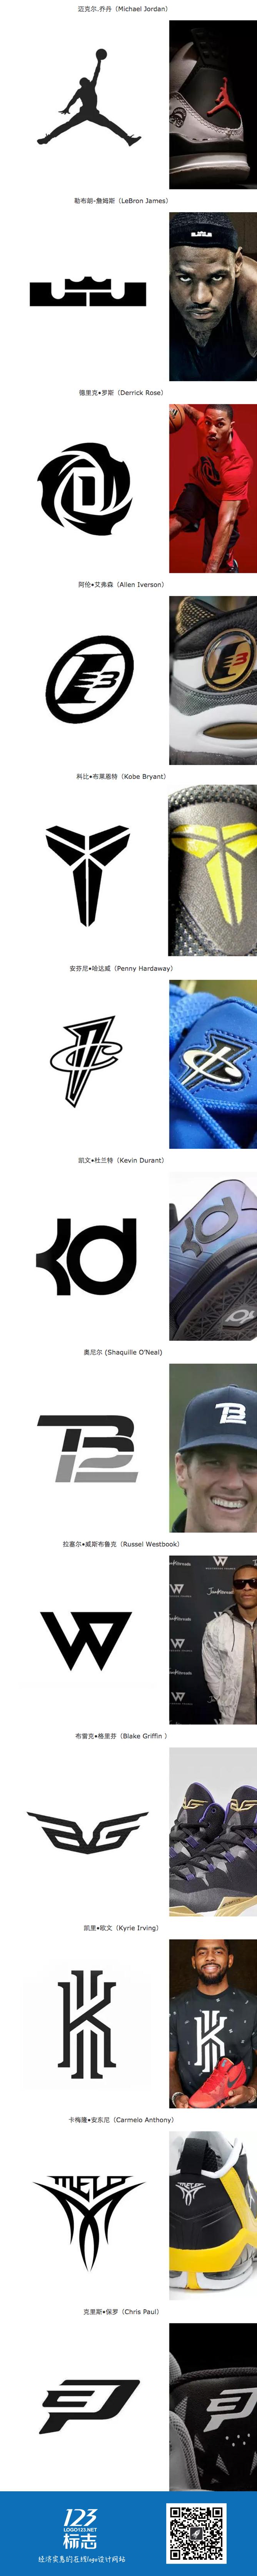 13个篮球运动明星logo设计集锦